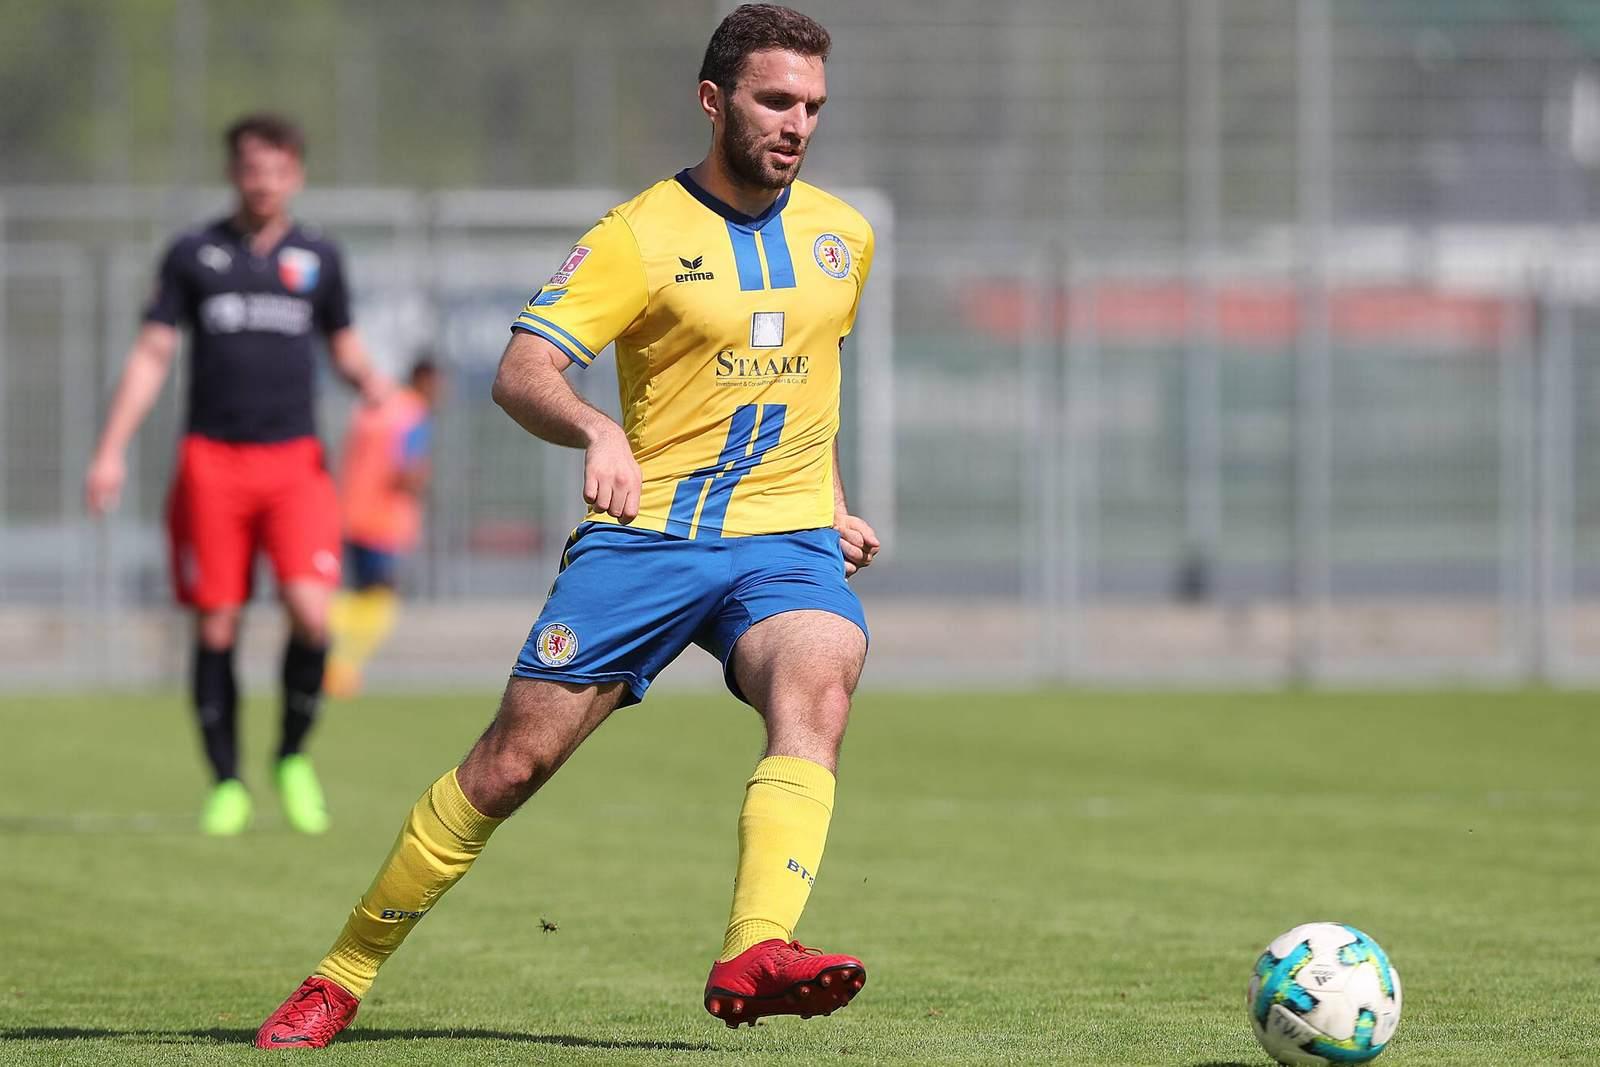 Eros Dacaj am Ball für Eintracht Braunschweig